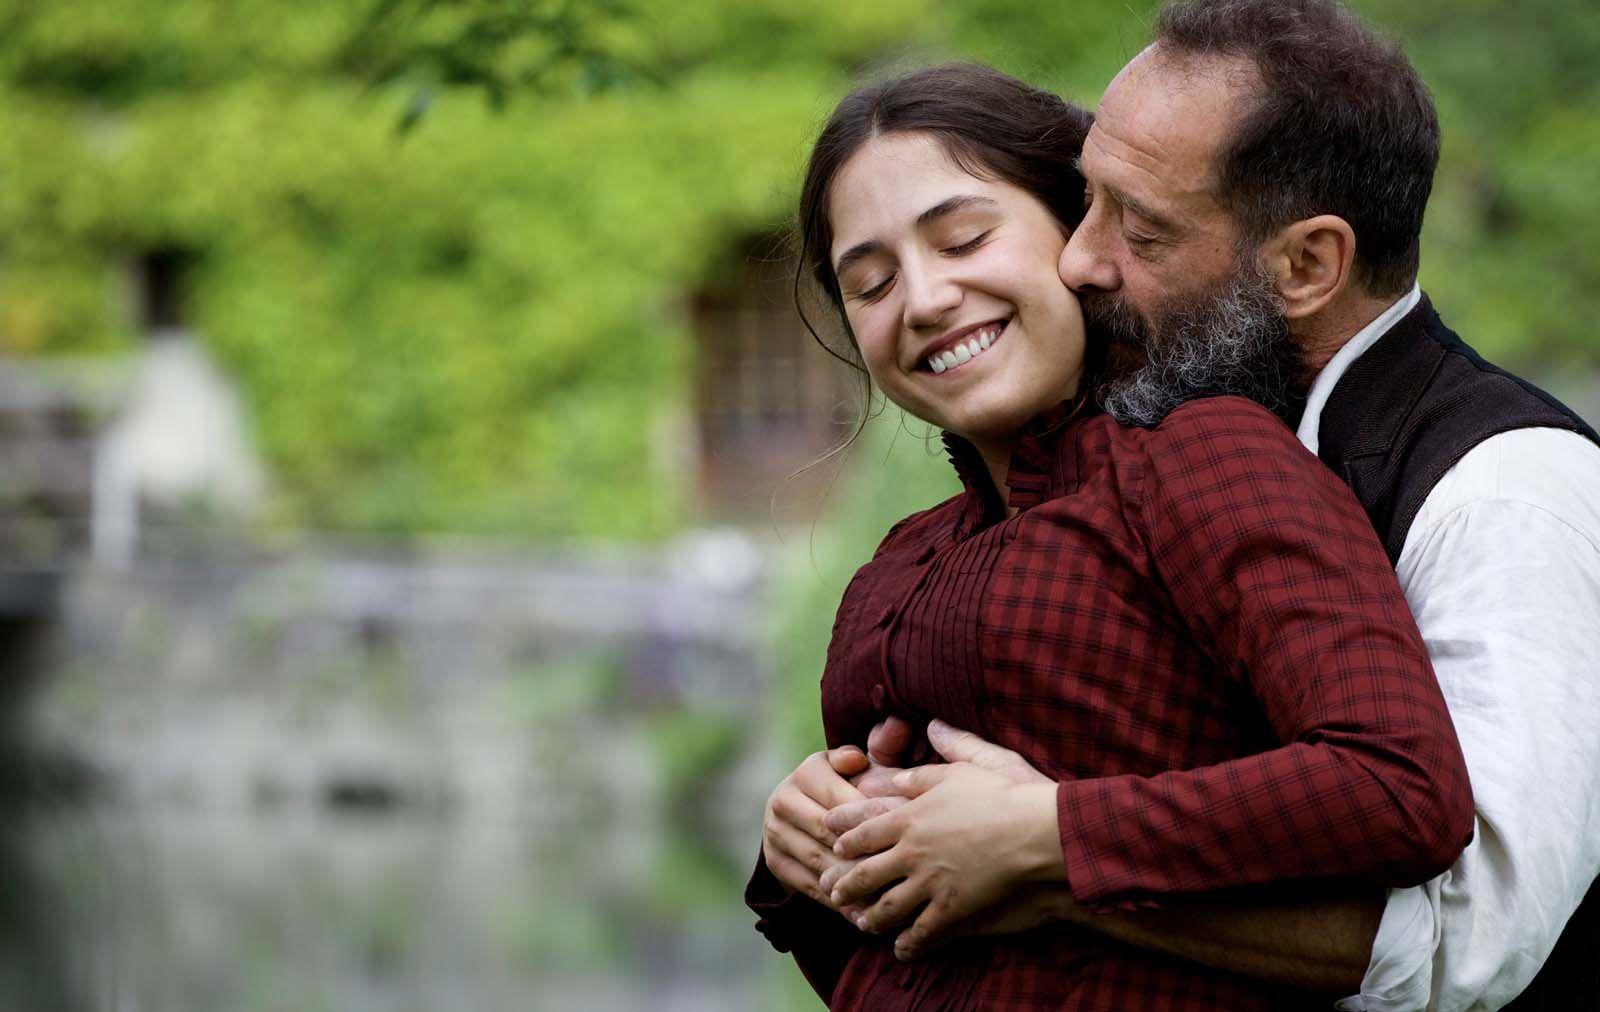 RODIN (BANDE ANNONCE) avec Vincent Lindon, Izïa Higelin - Le 24 mai 2017 au cinéma